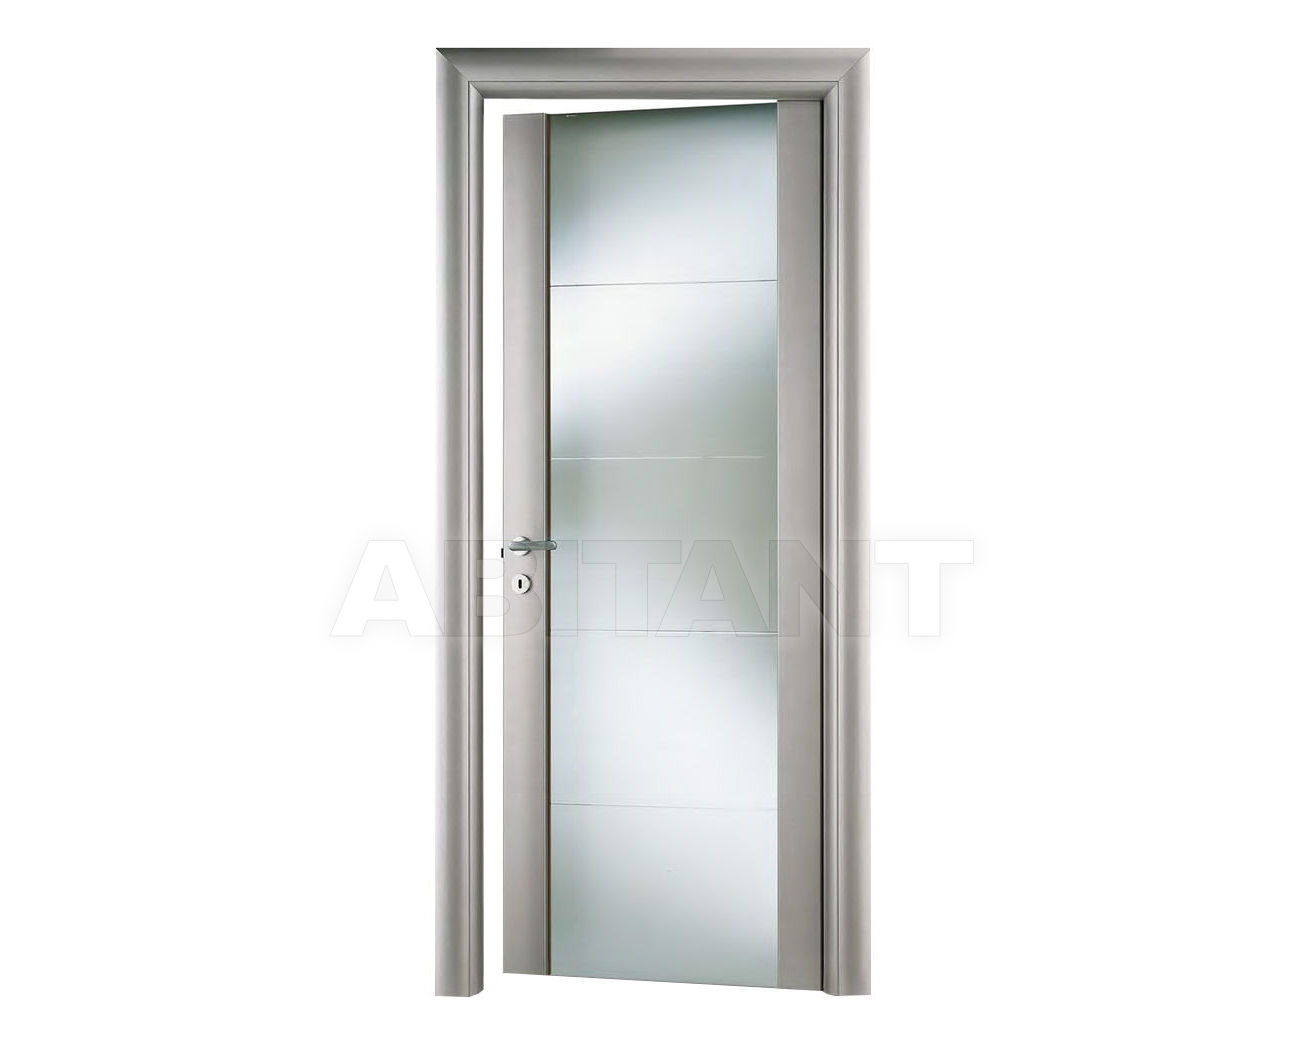 Купить Дверь стеклянная Fioravazzi Lisce S20 DANIA - 2